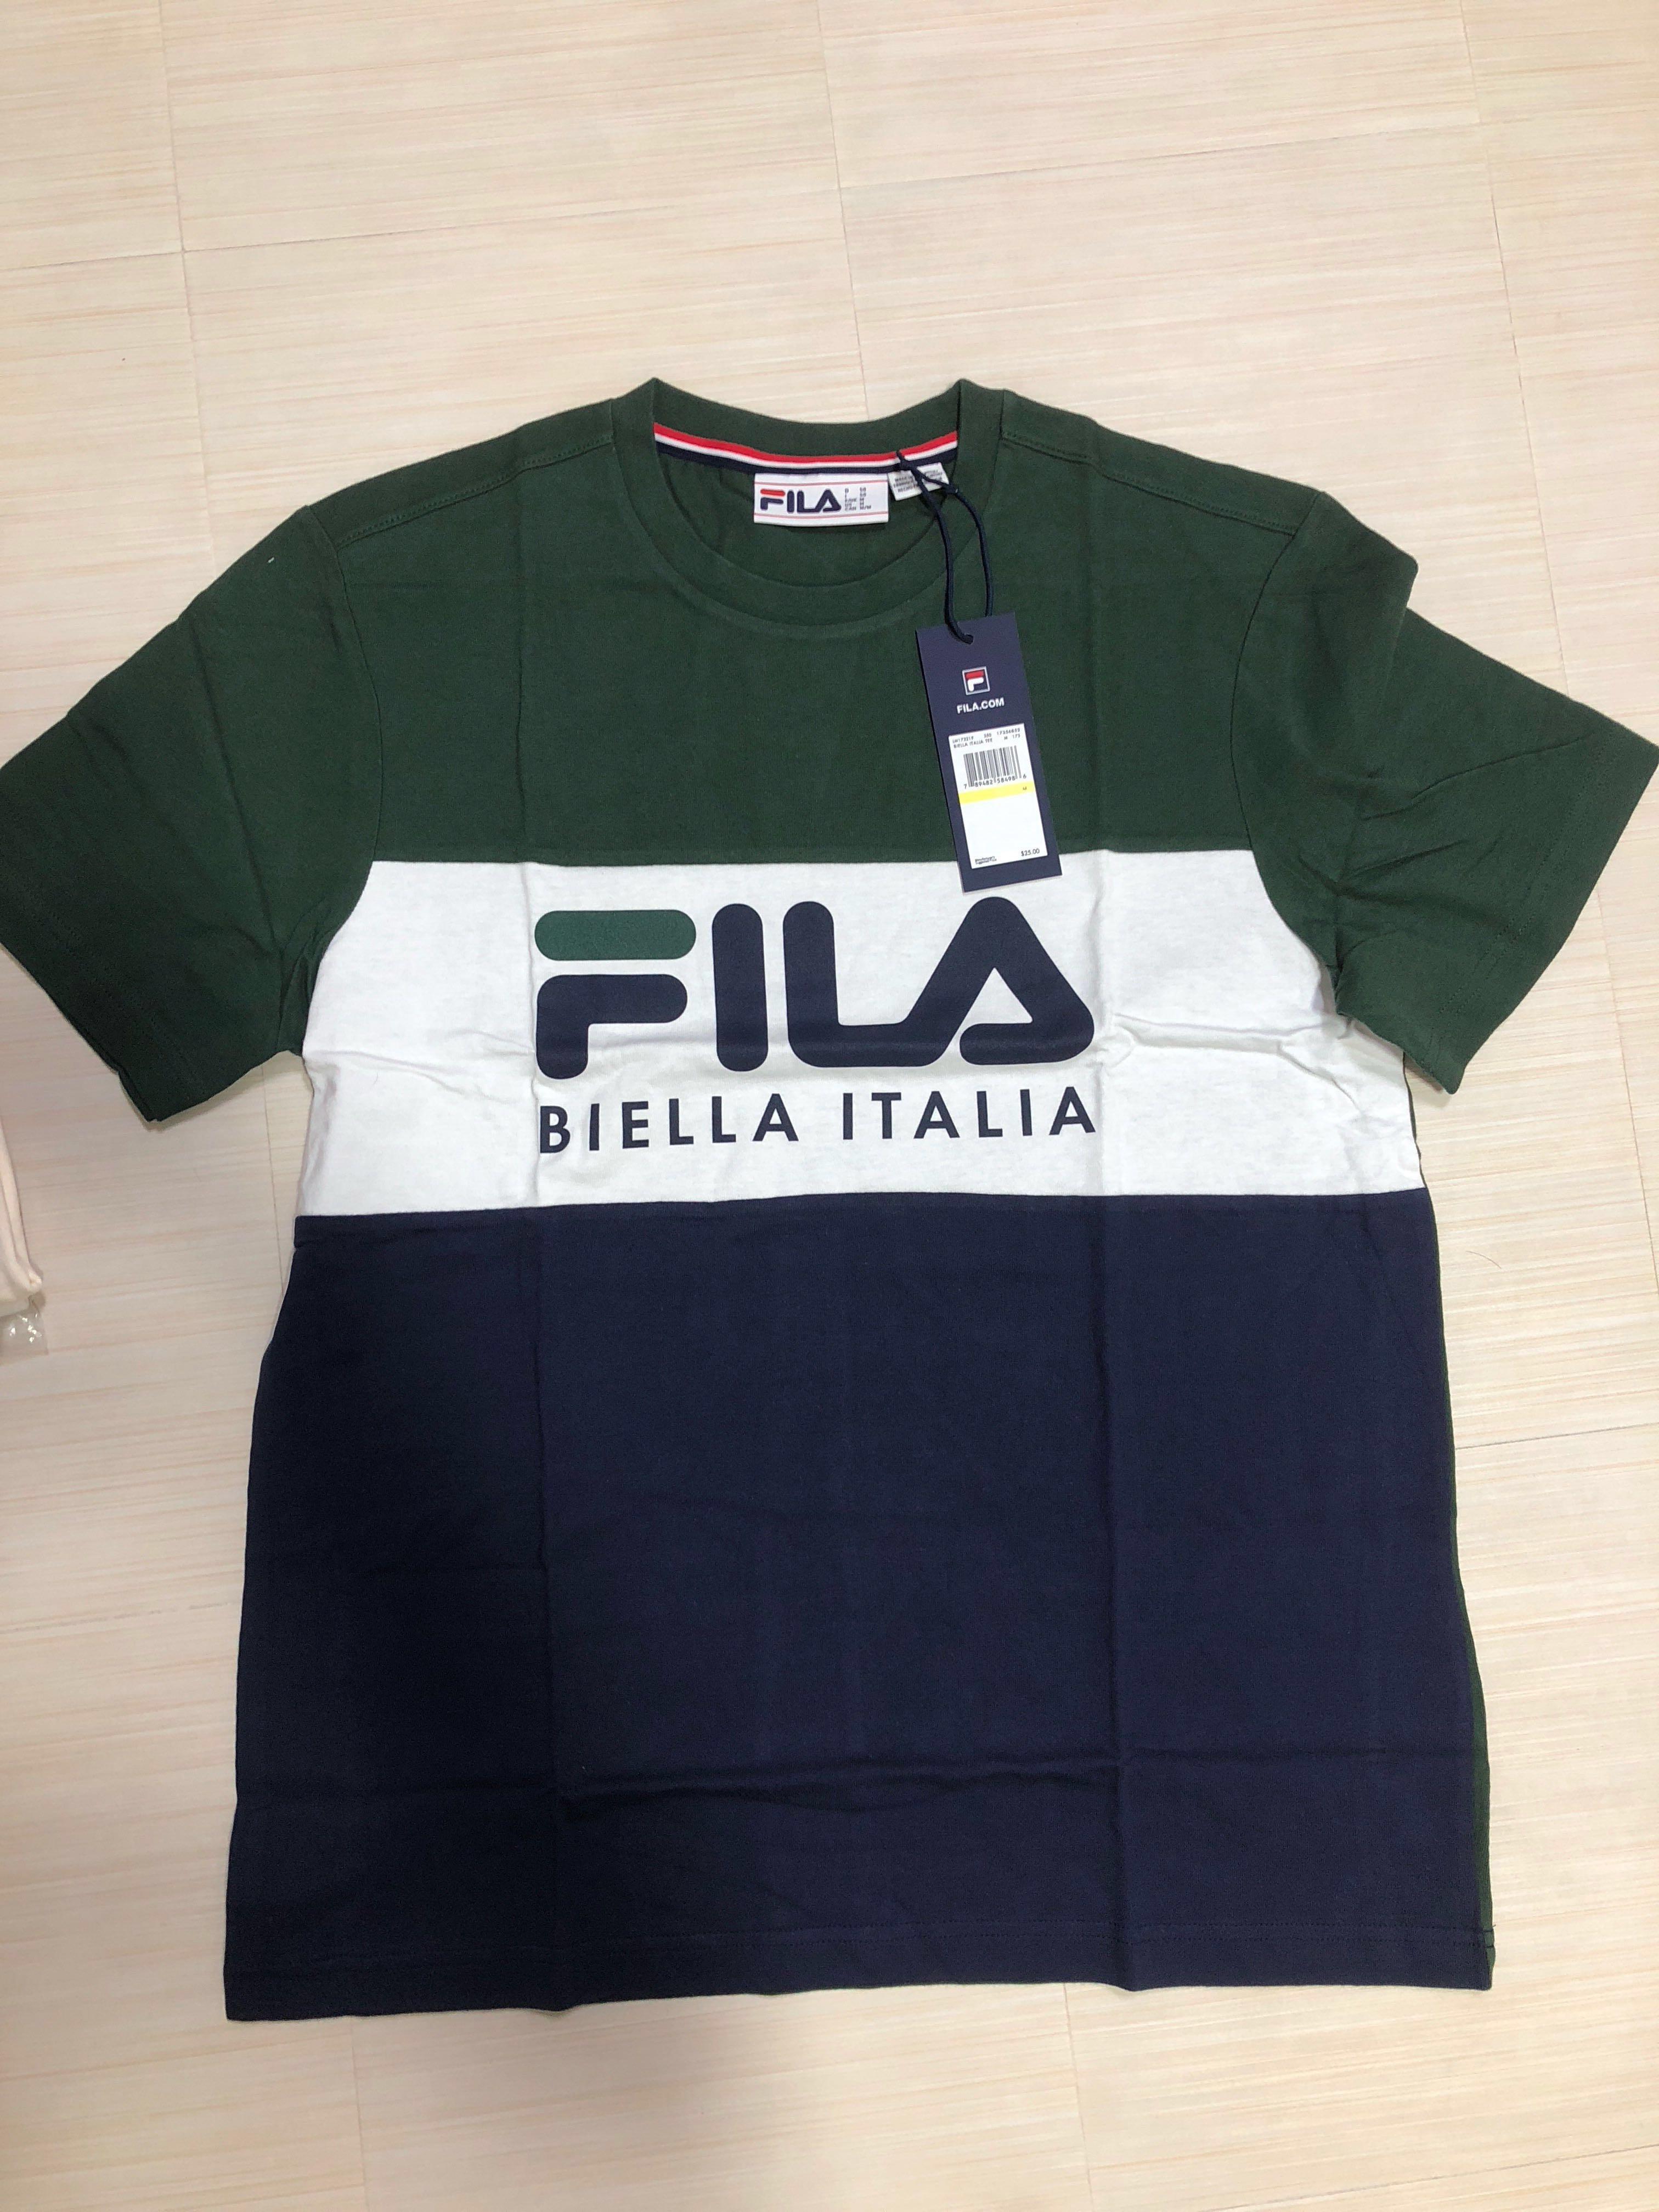 76c6d79a34a4 Fila Biella Italia Navy Green Size S